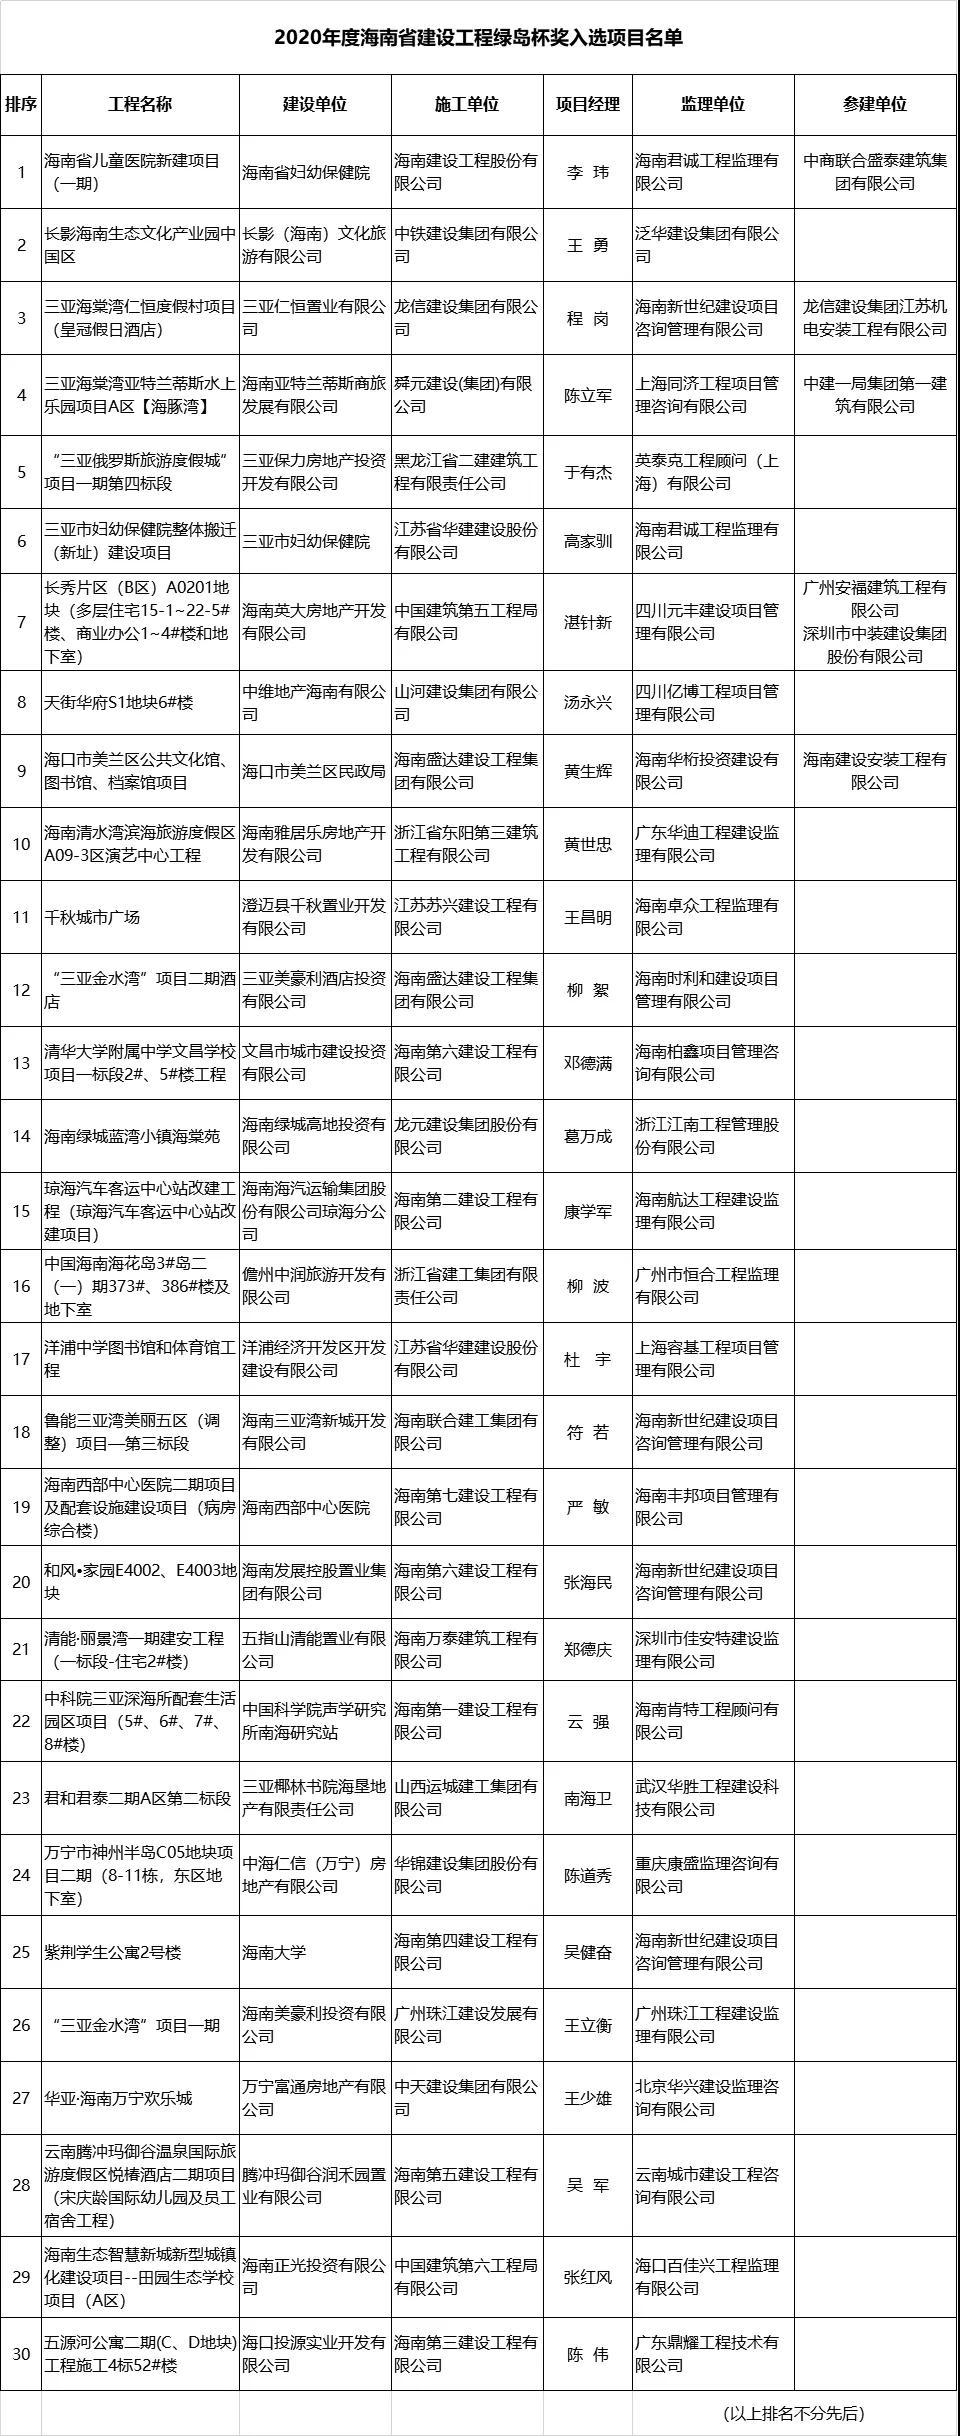 """2020年海南版""""鲁班奖""""名单出炉,30大重点项目首度披露(附项目明细)"""